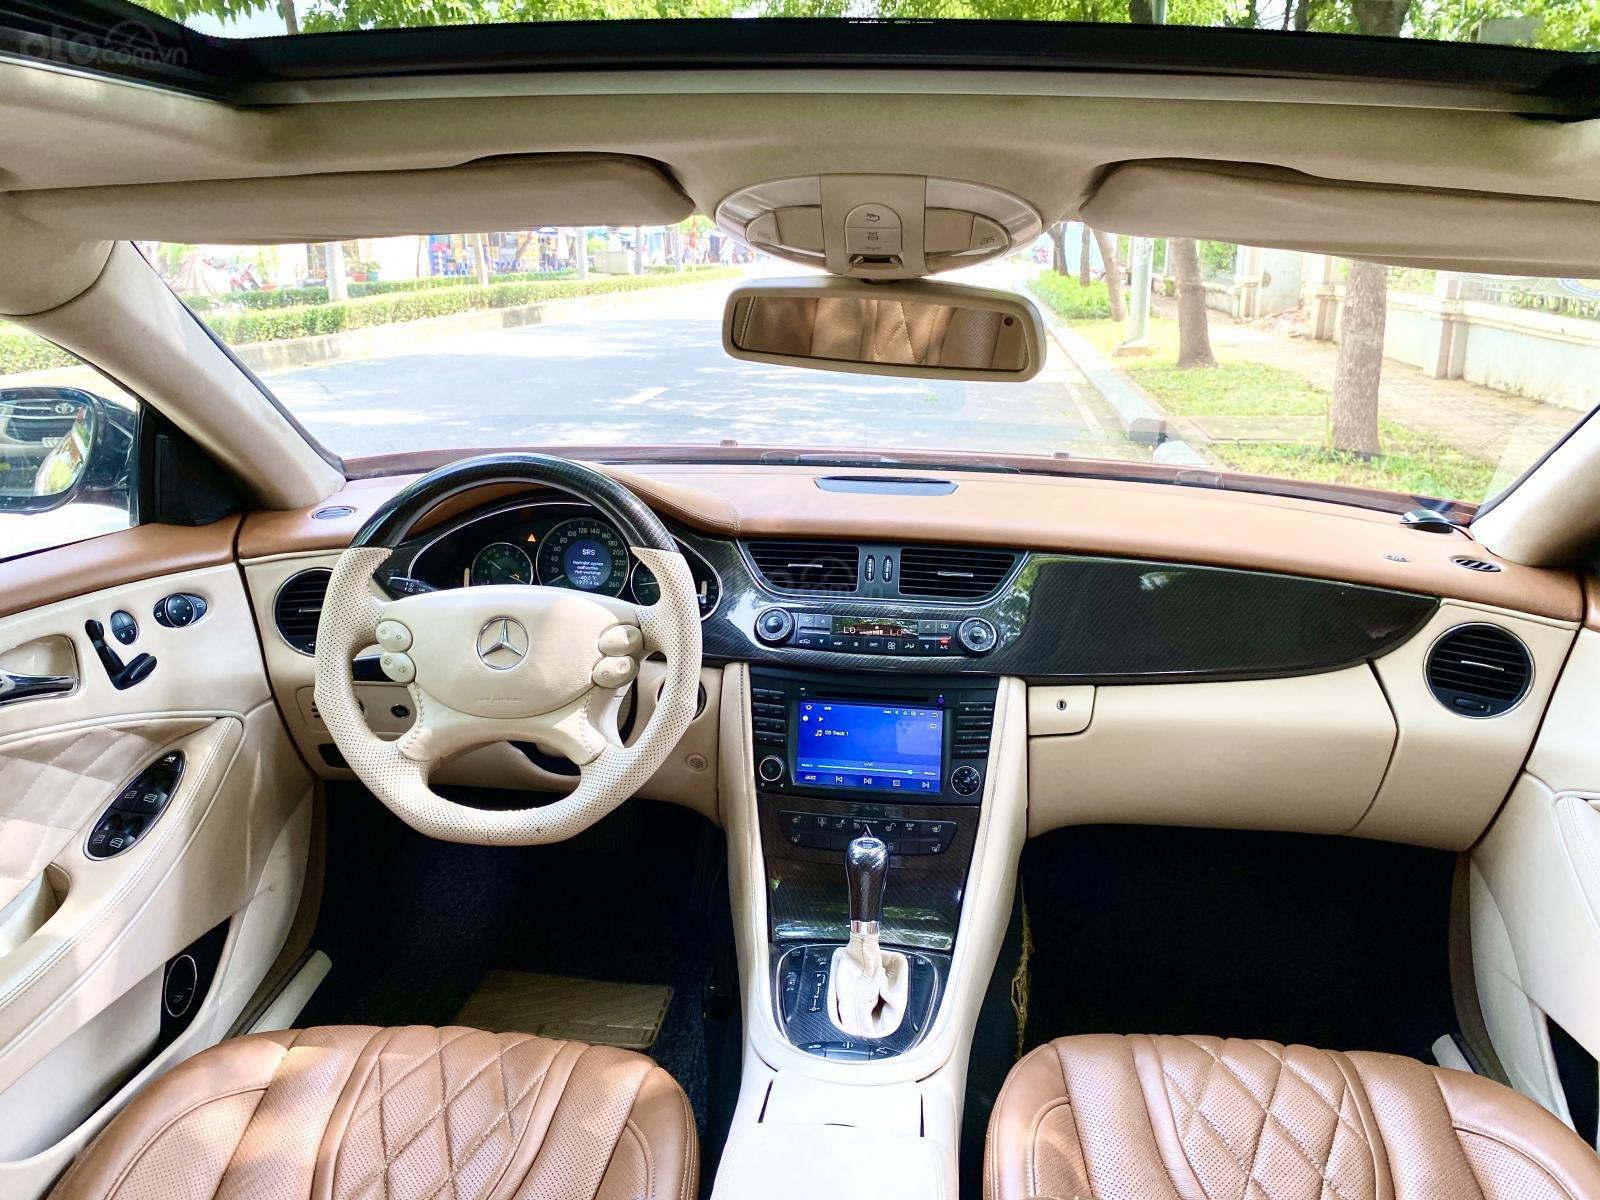 Bán Mercedes CLS 63 Coupe nhập Đức 2007, BS đẹp 22686 (6)